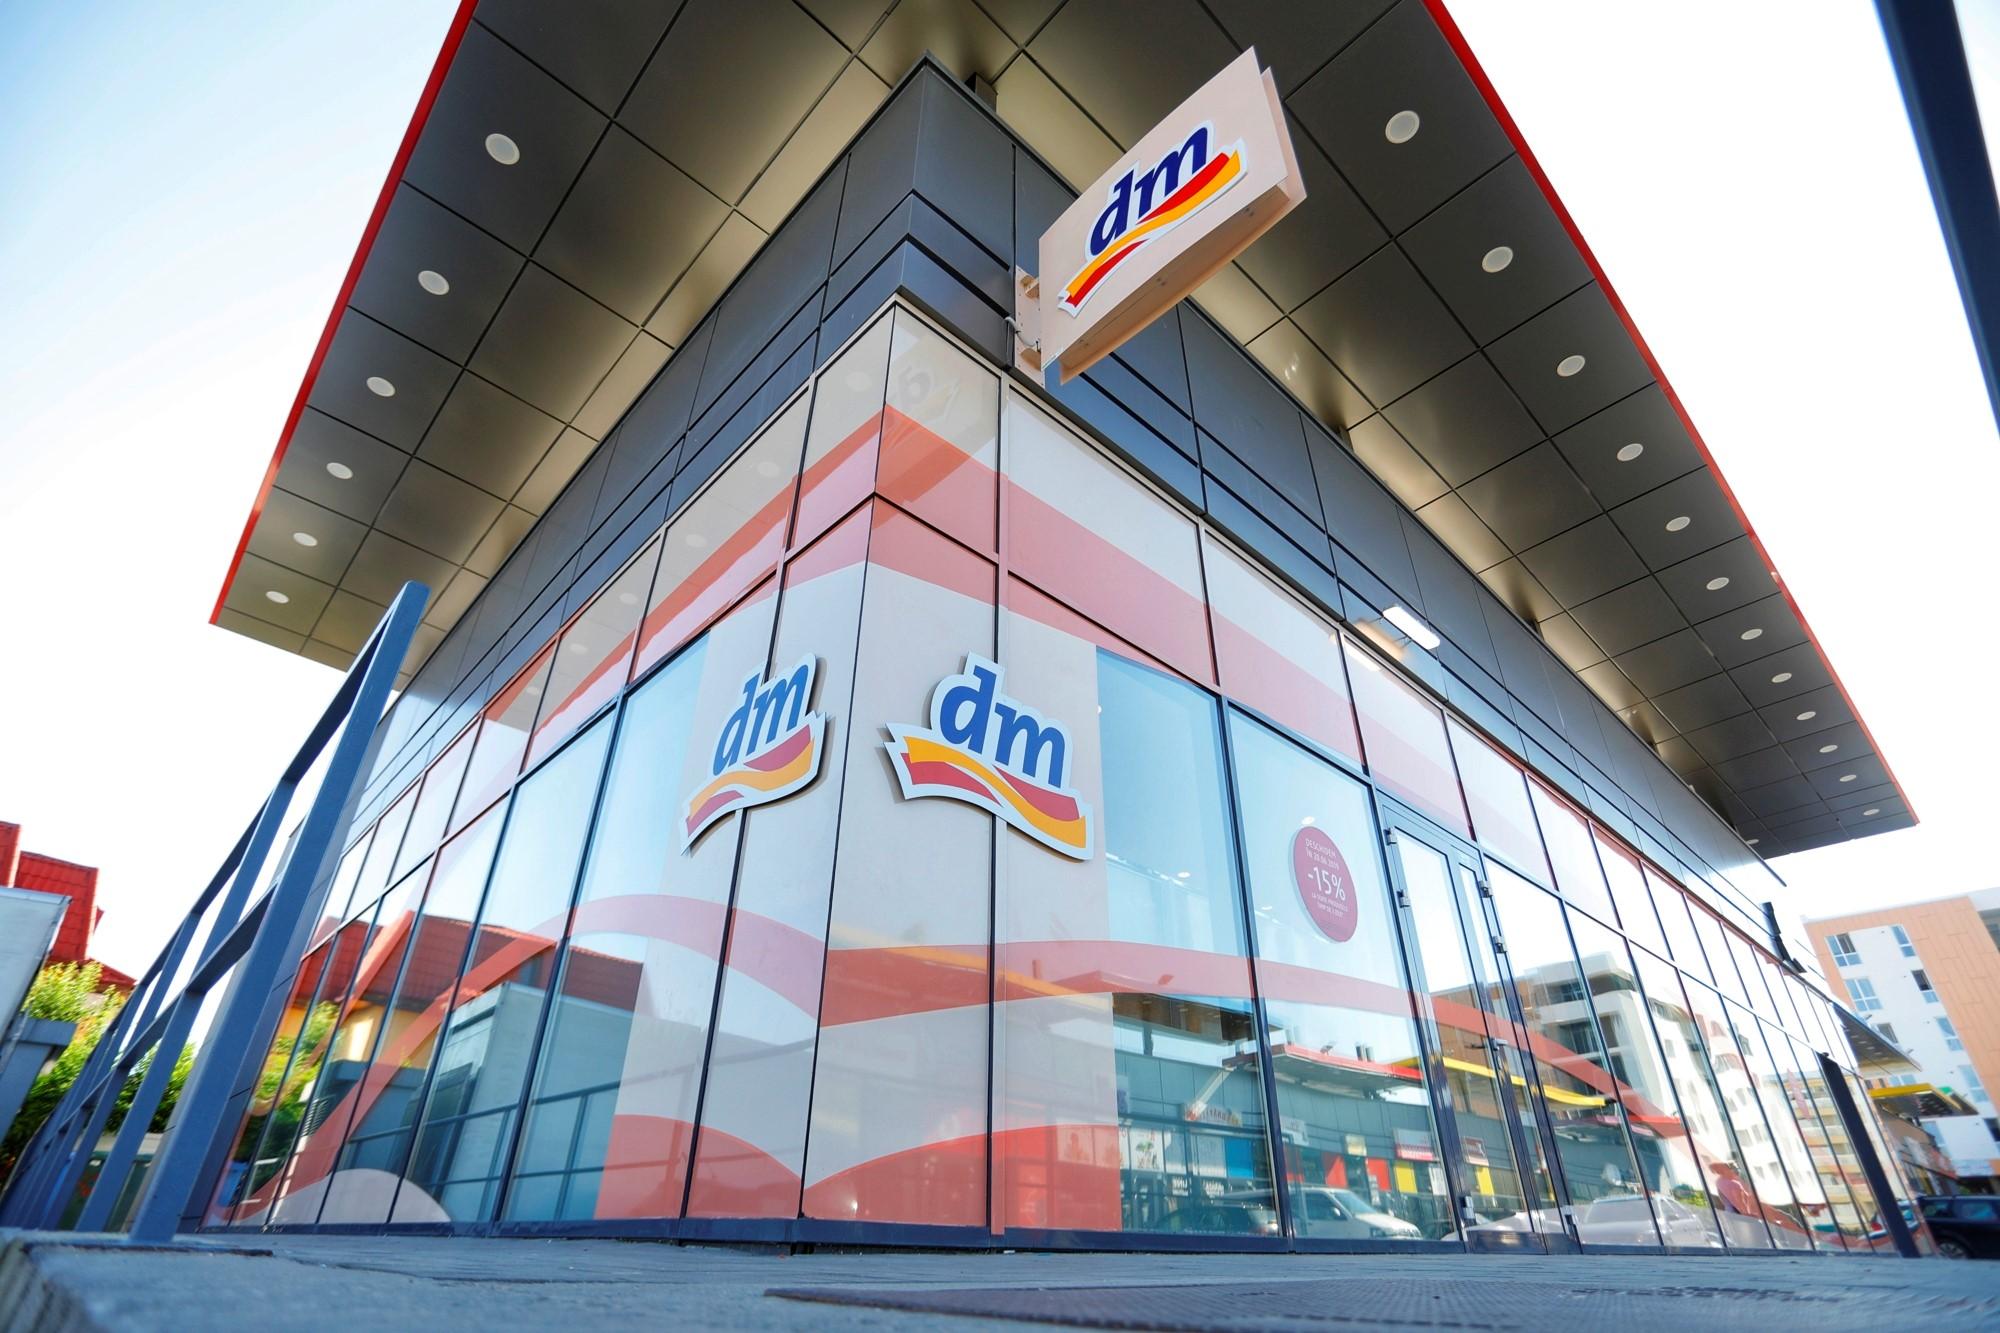 Retailerul german dm drogerie markt simte in Romania criza fortei de munca prin dificultatea de a gasi casieri in Timisoara si Bucuresti